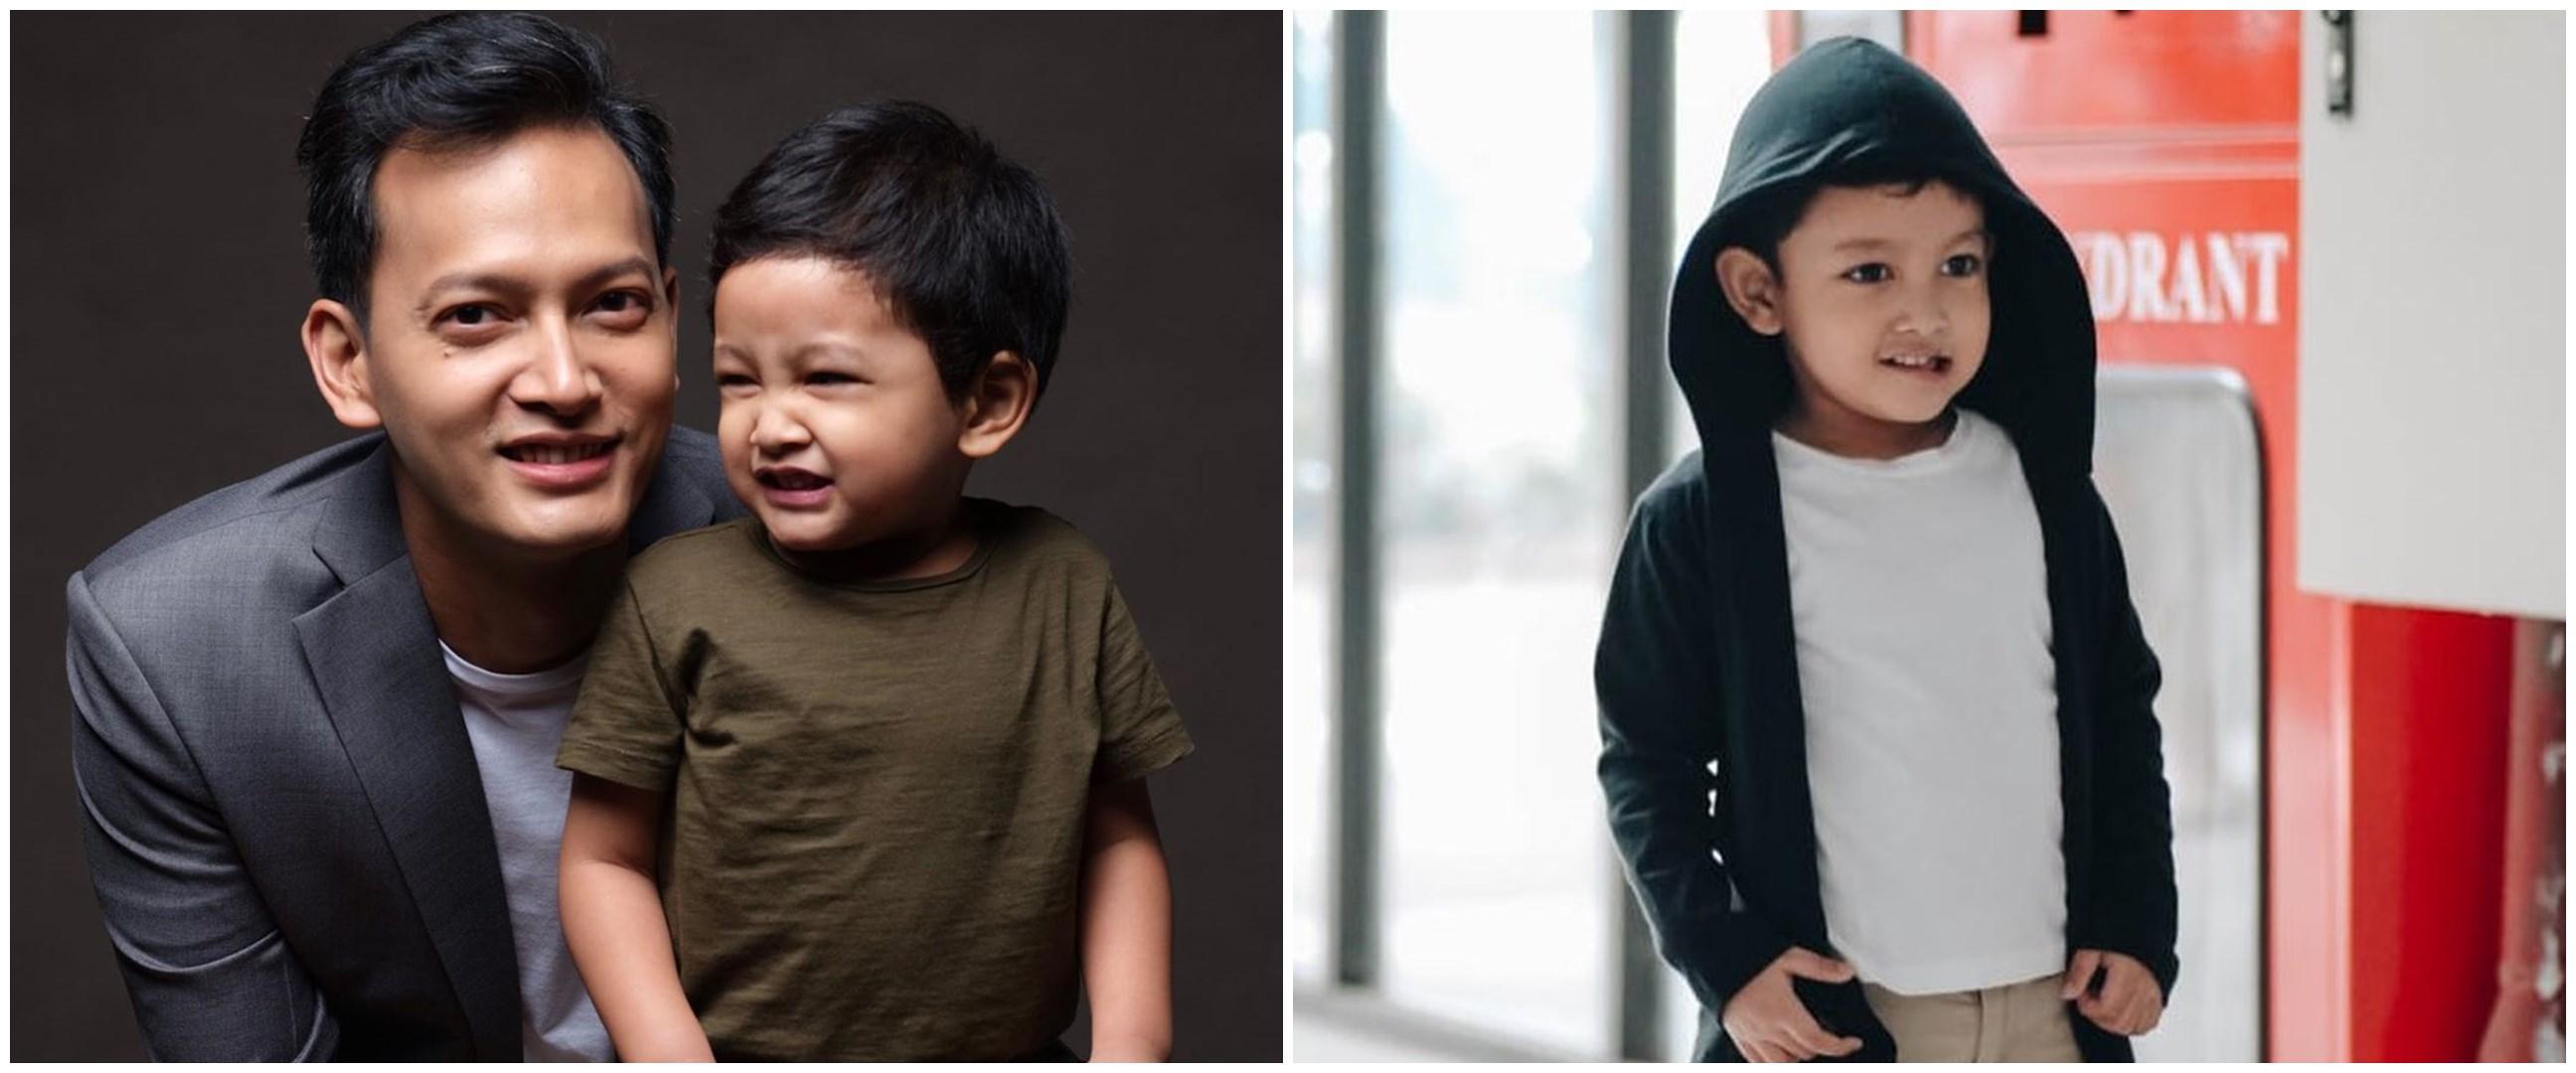 Jarang tersorot, ini 12 potret Hasan anak Fedi Nuril yang menggemaskan